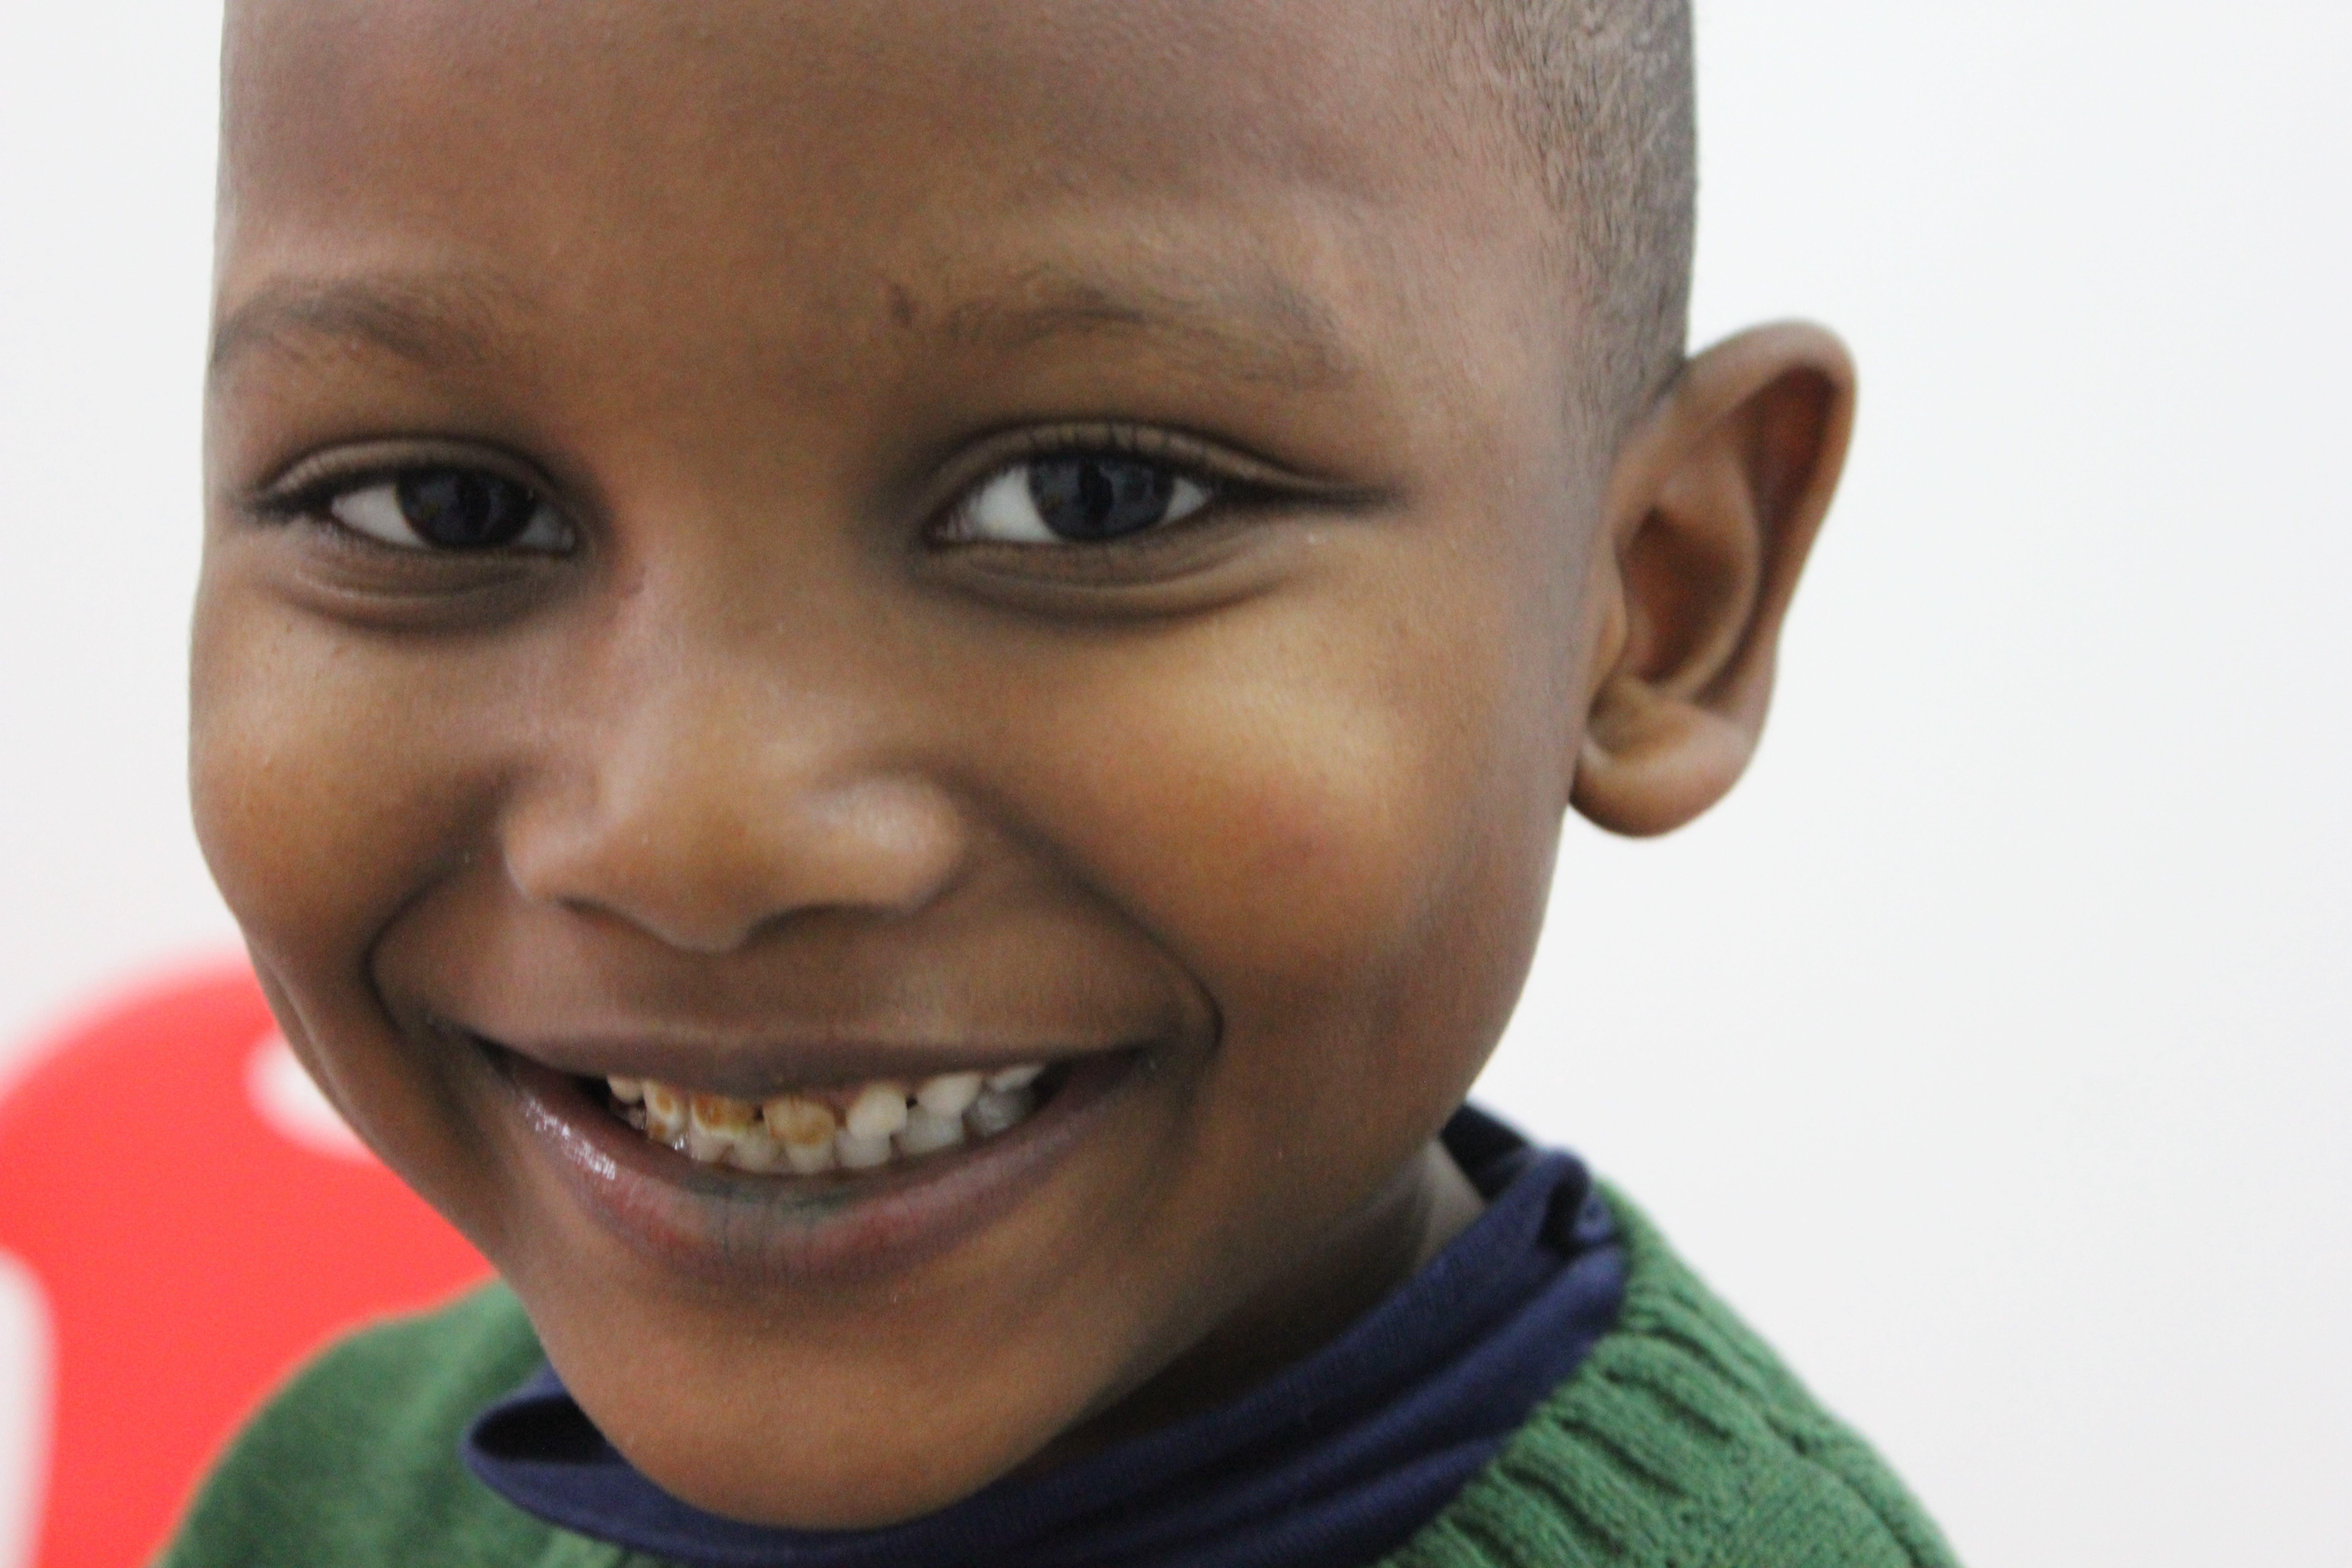 Il piccolo Amari nello spazio bimbi del Women and Girls Safe Space